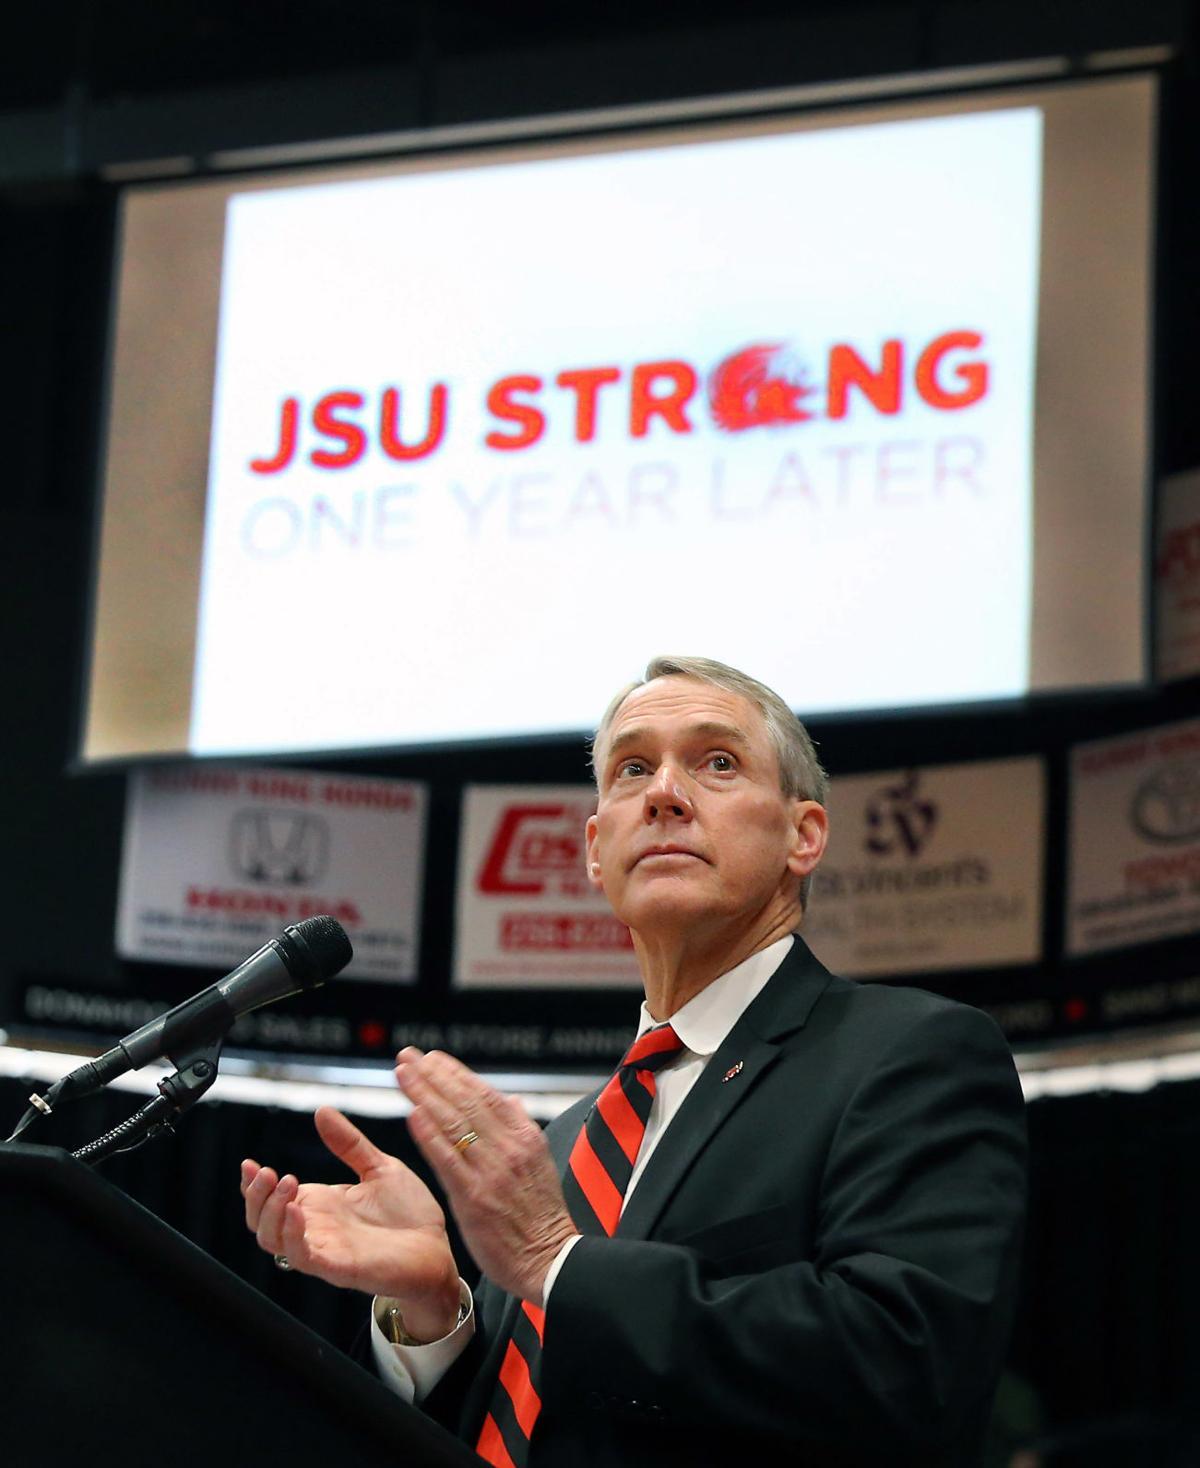 JSU Strong